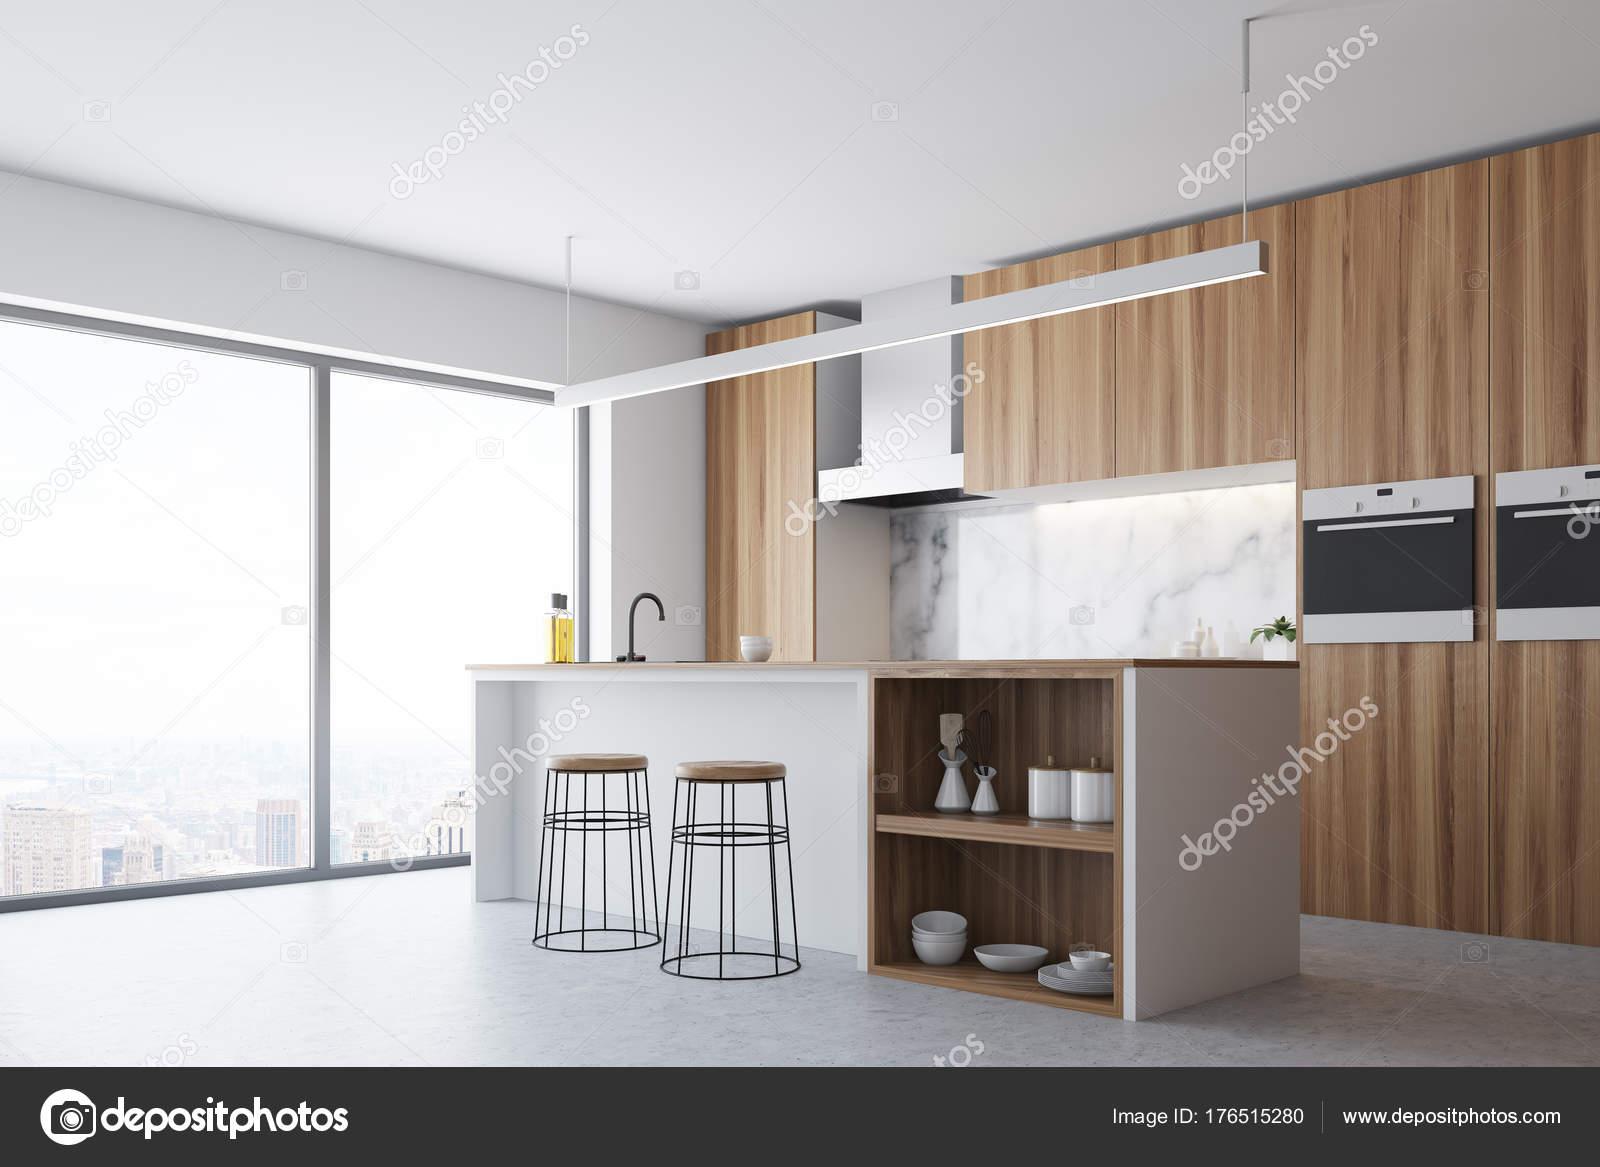 Holz Fenster, Küche und Bar Schattenseiten — Stockfoto ...